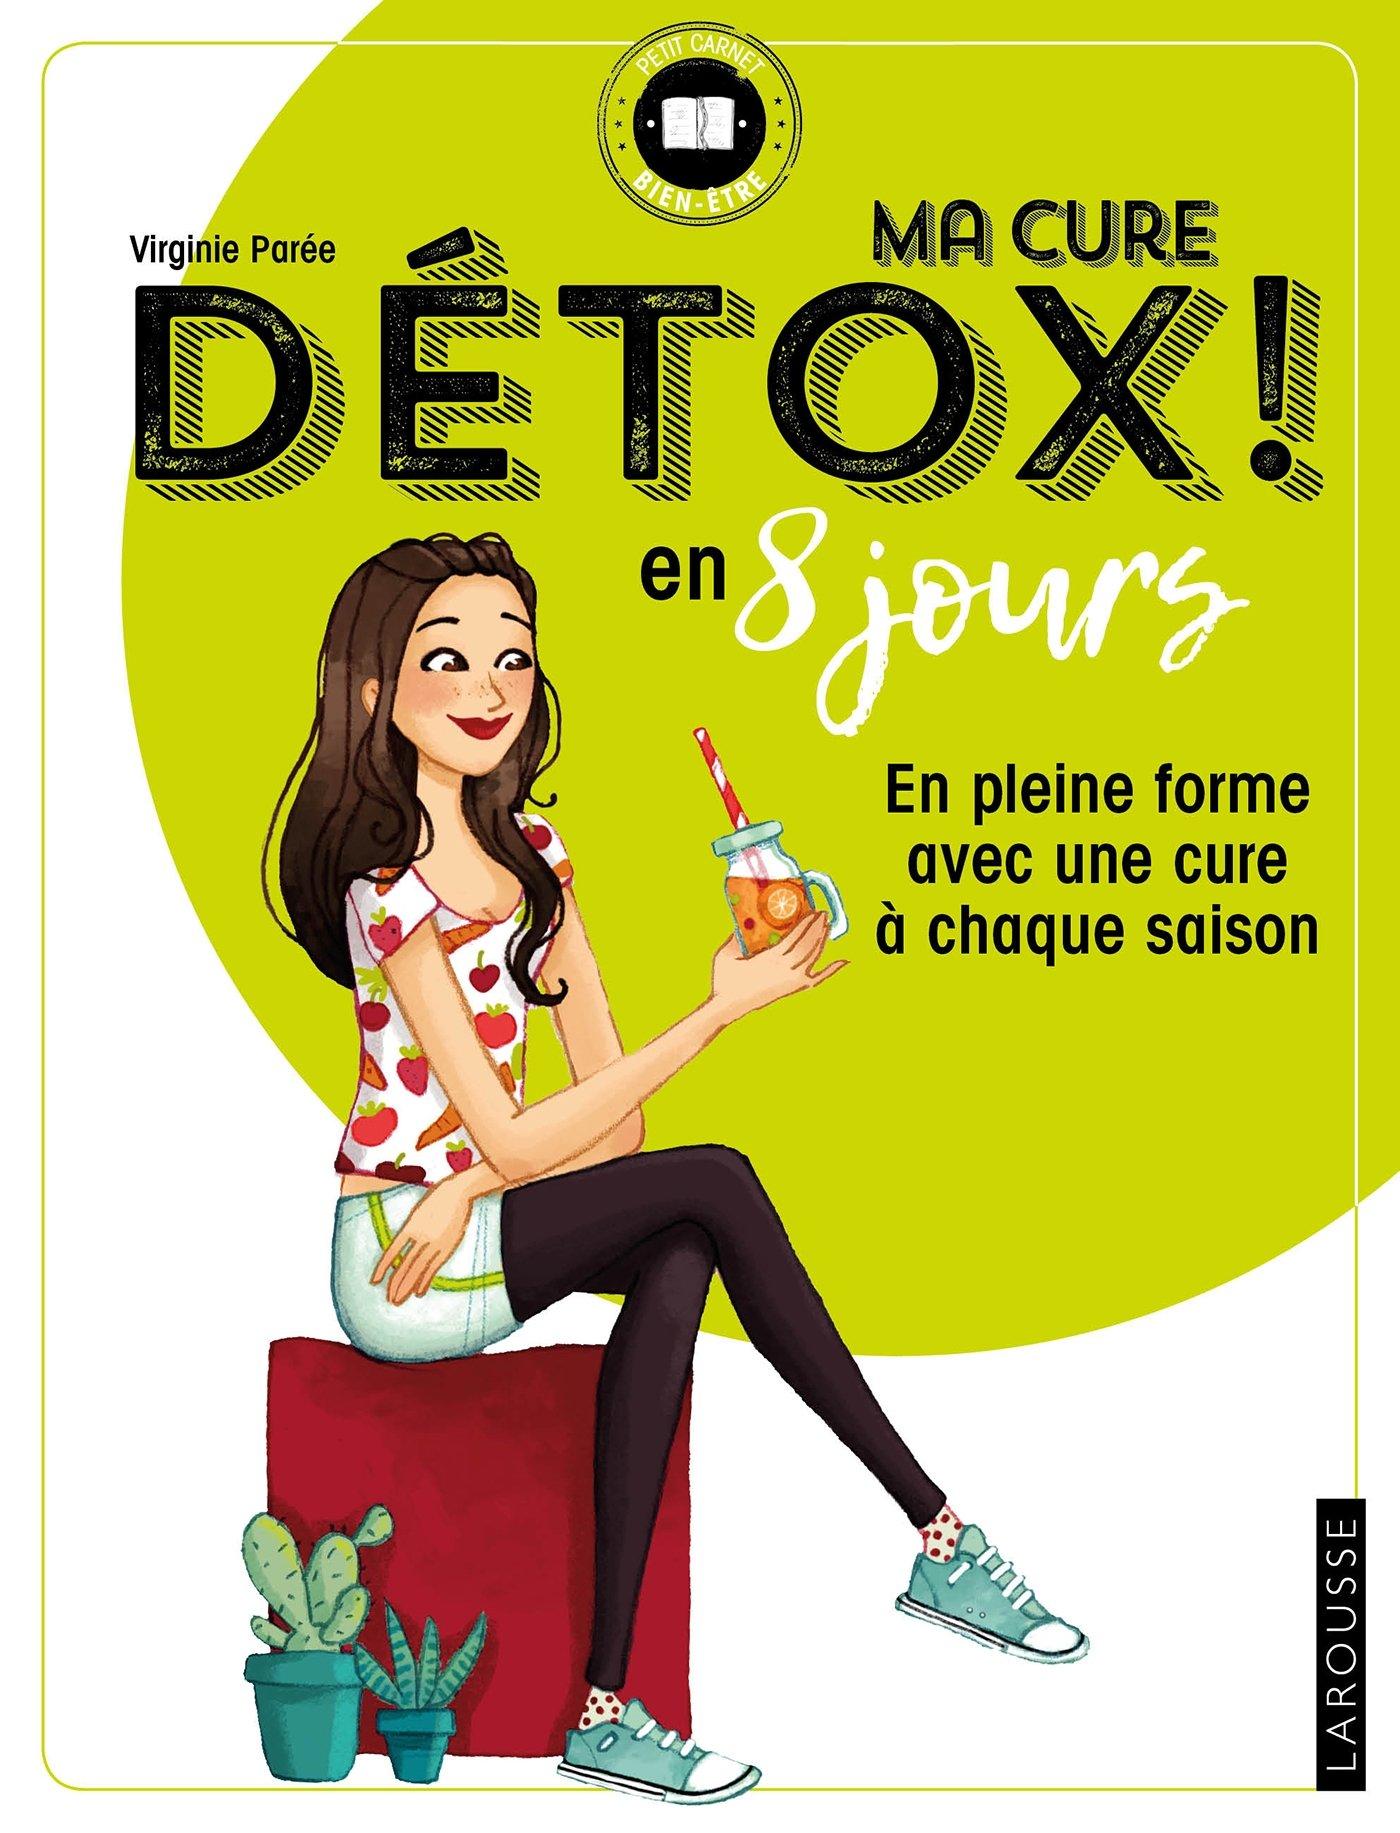 cure de detox